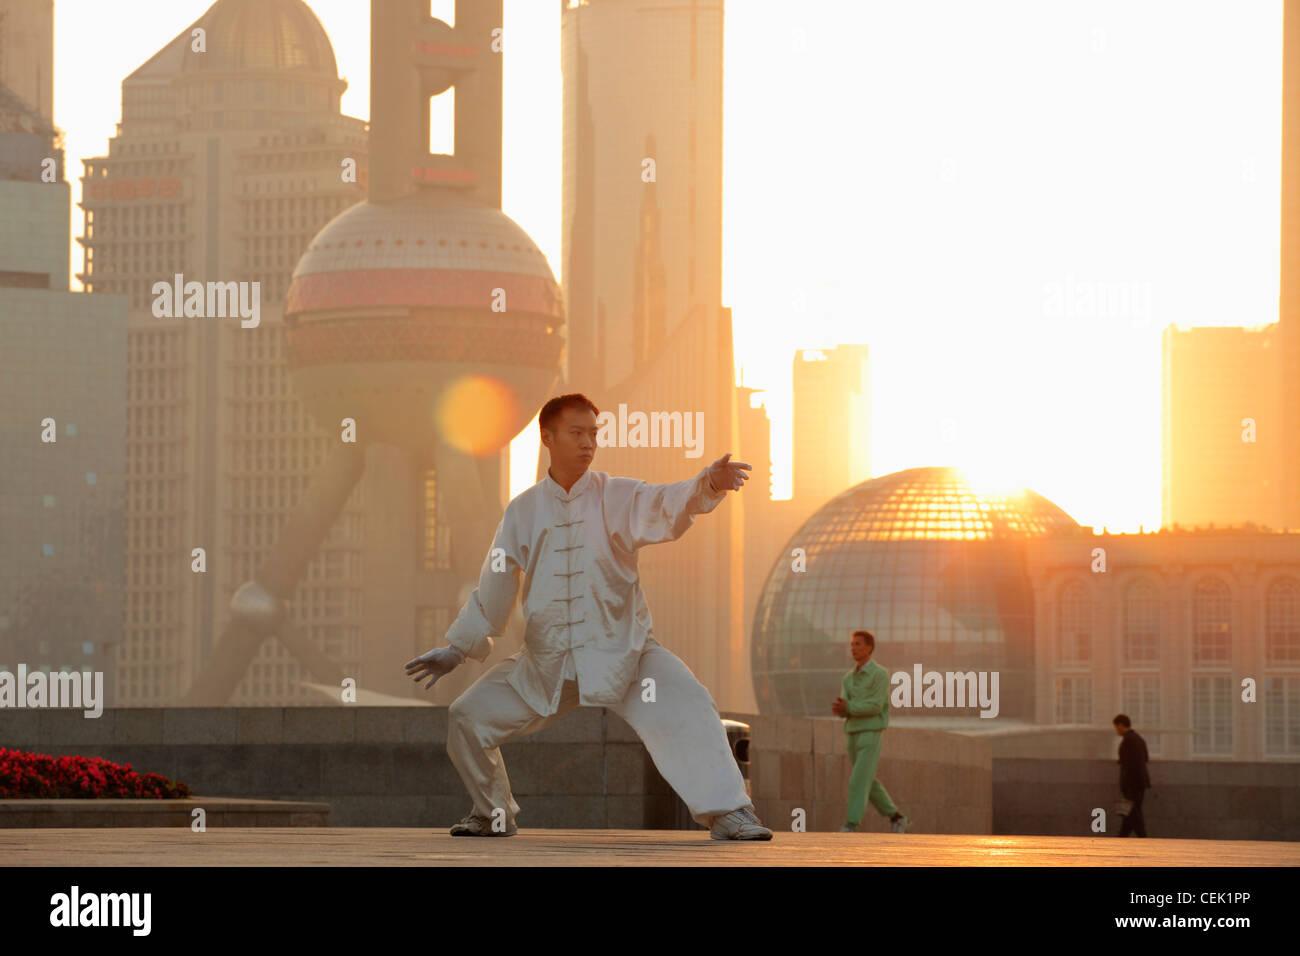 Hombre chino haciendo artes marciales en la mañana sobre el Bund, Shanghai, China Imagen De Stock